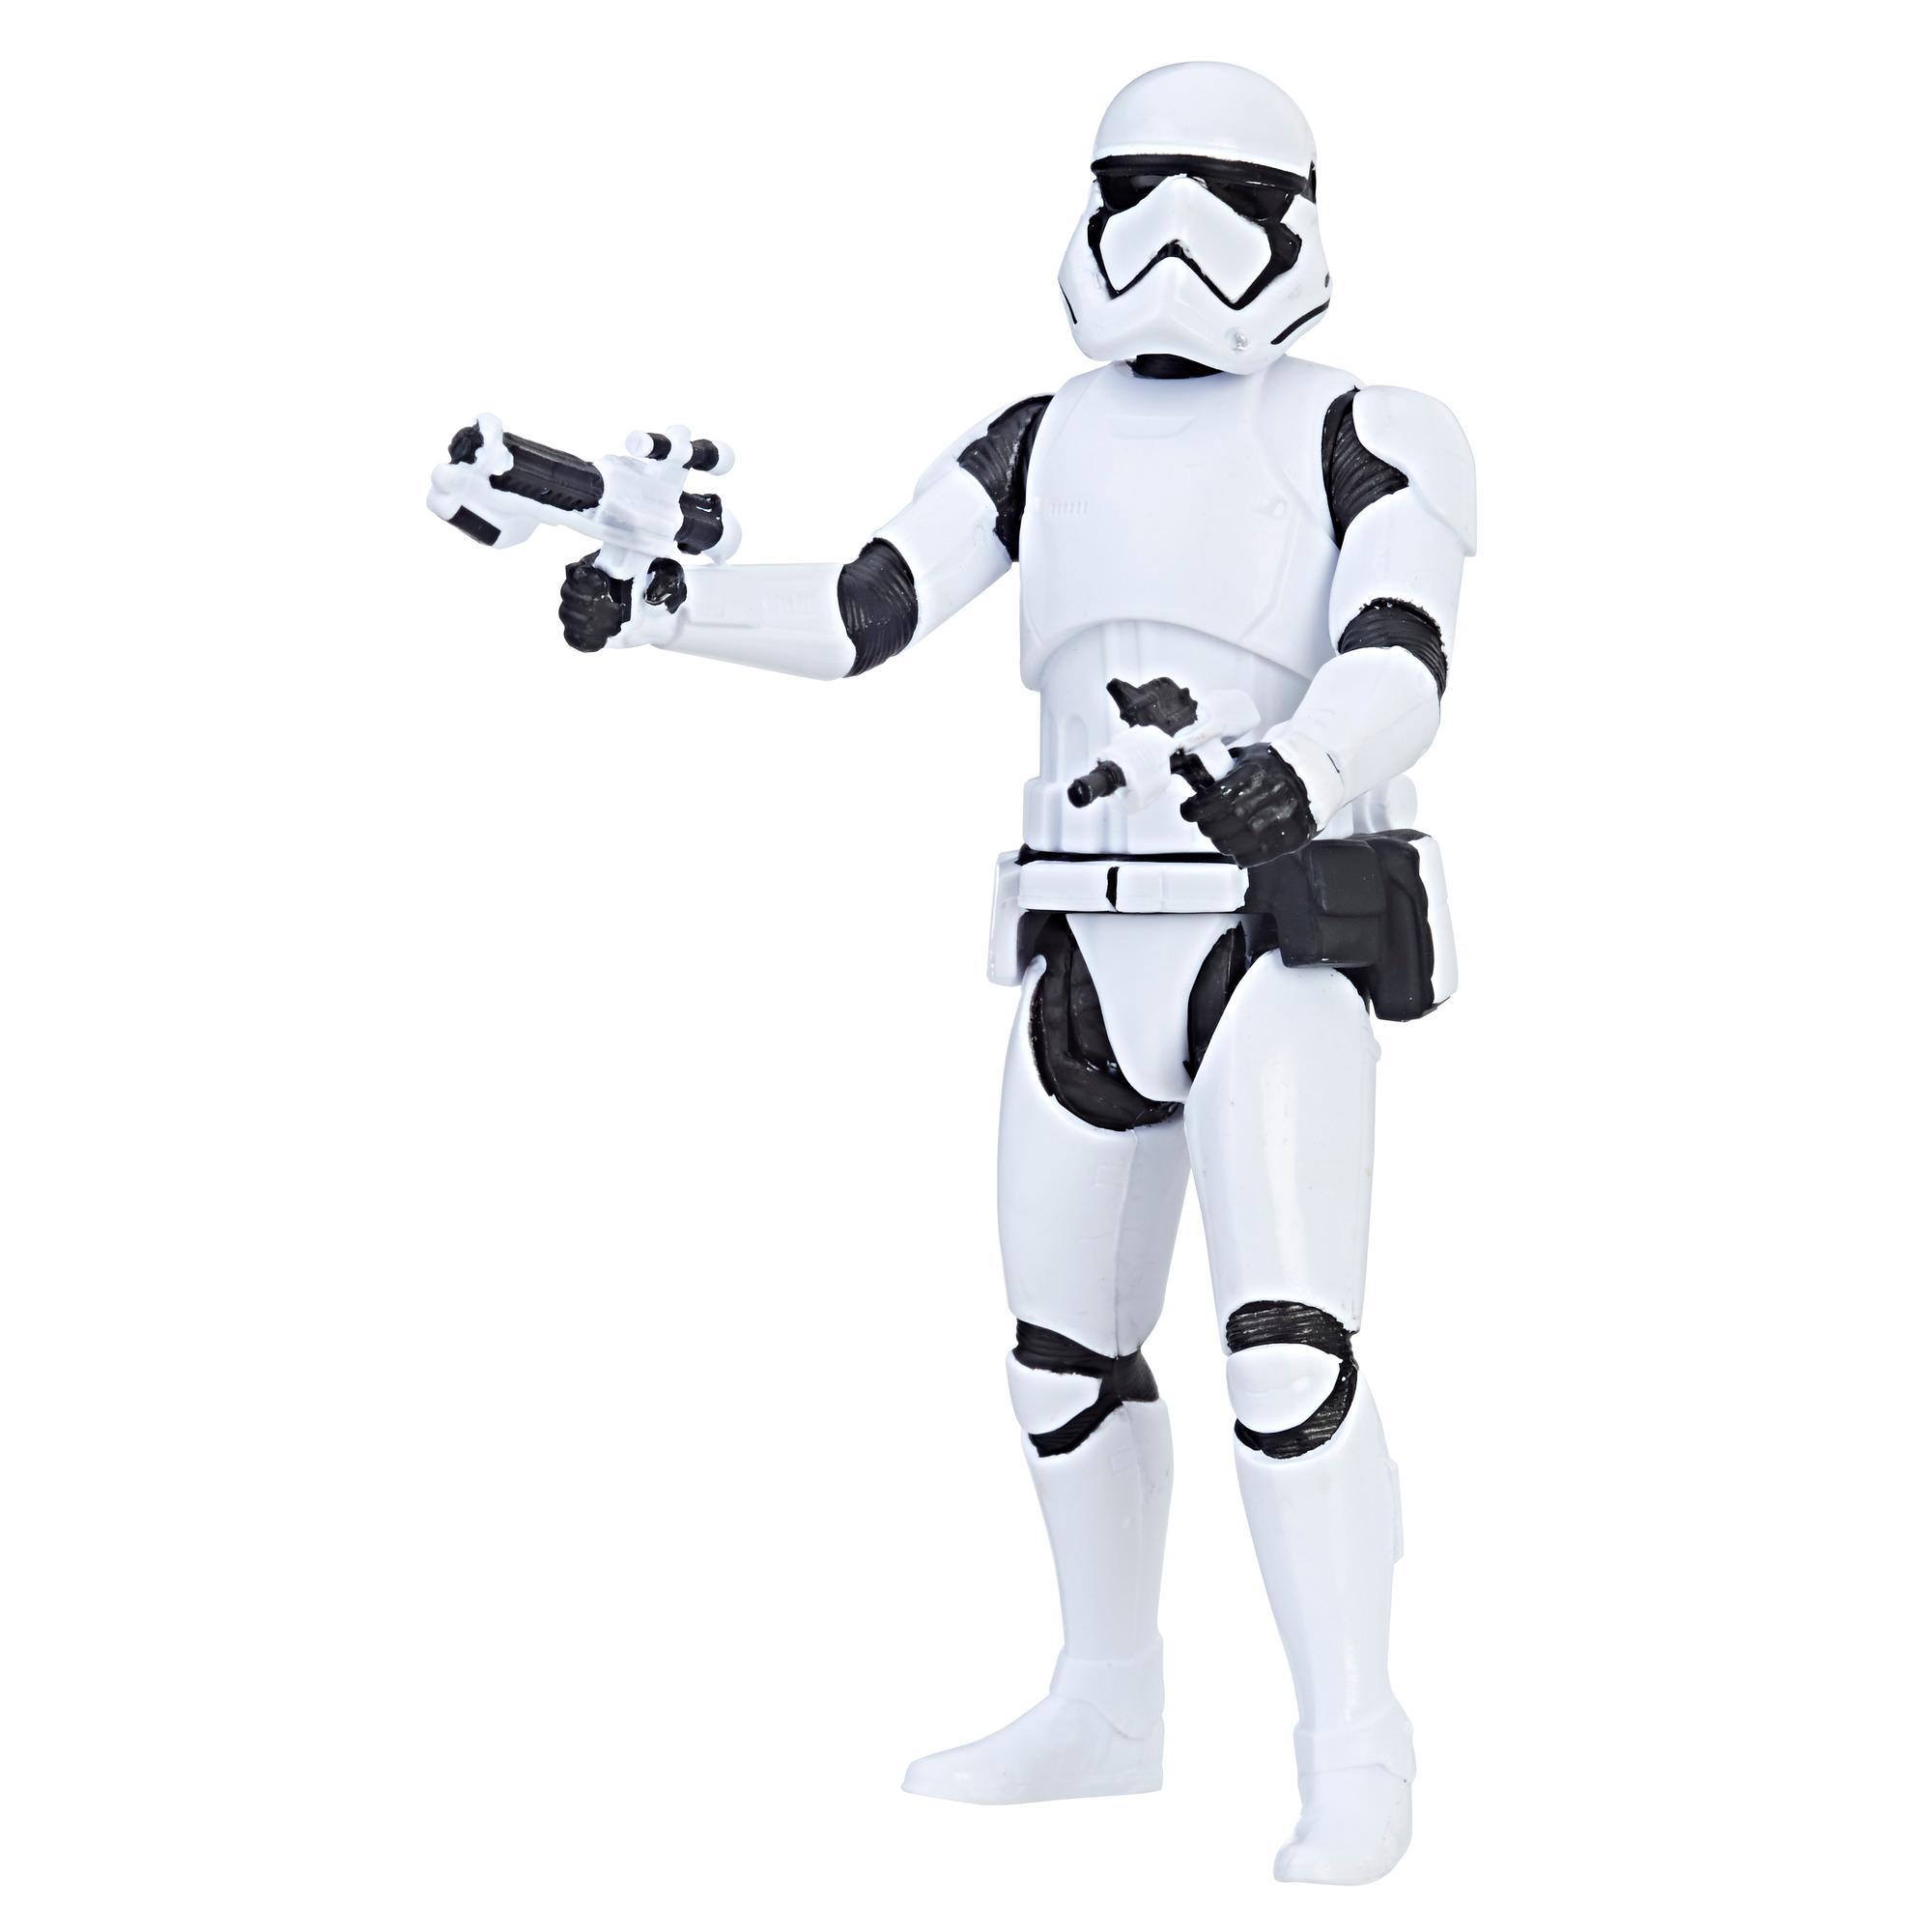 Star Wars First Order Stormtrooper Force Link Figure